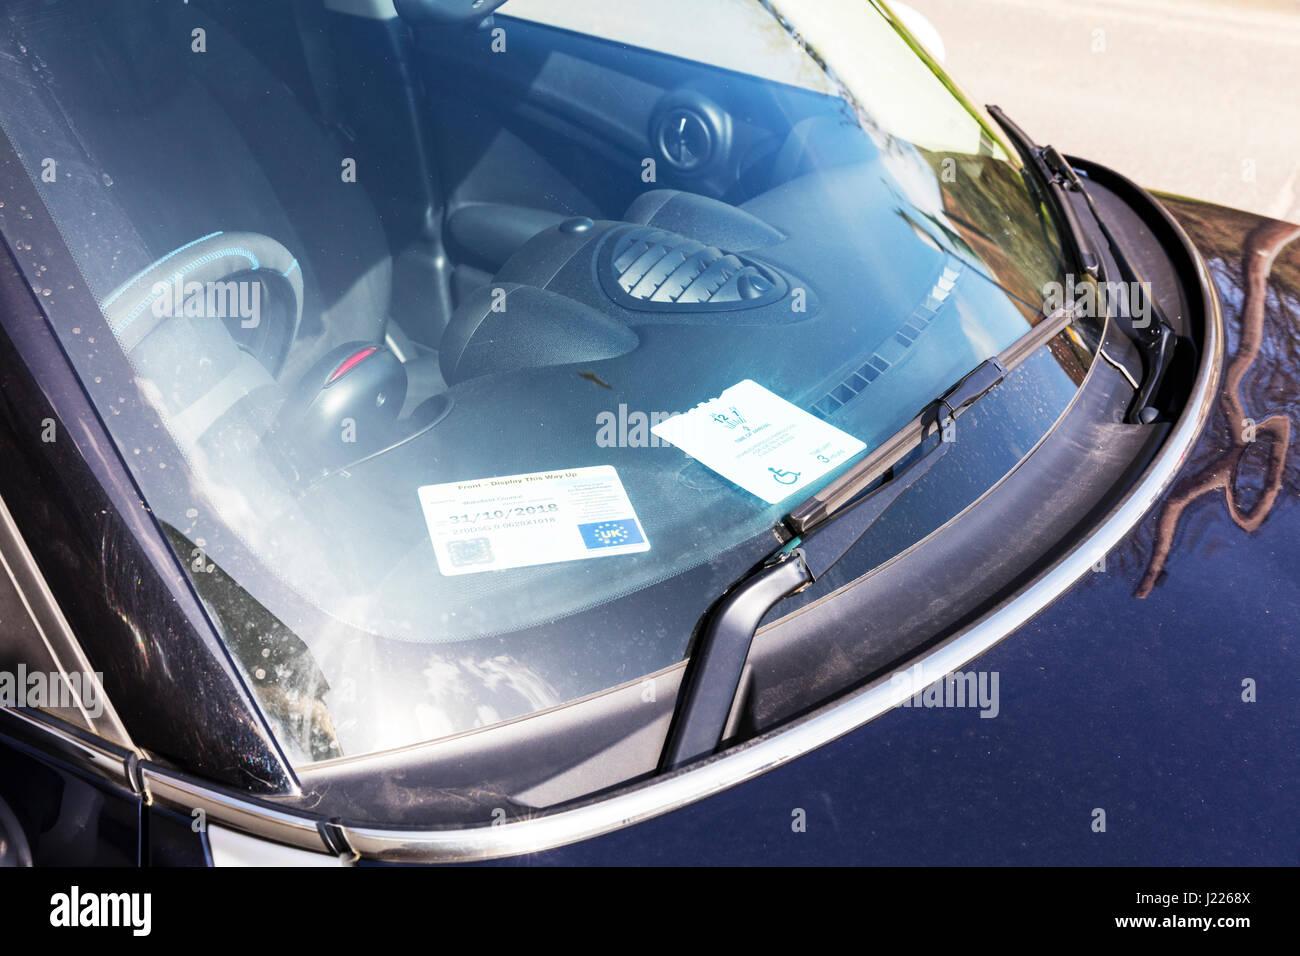 Behindertenparkplatz Abzeichen im Auto Fenster kostenloser Parkplatz Raum für Abzeichen Inhaber UK England Stockbild